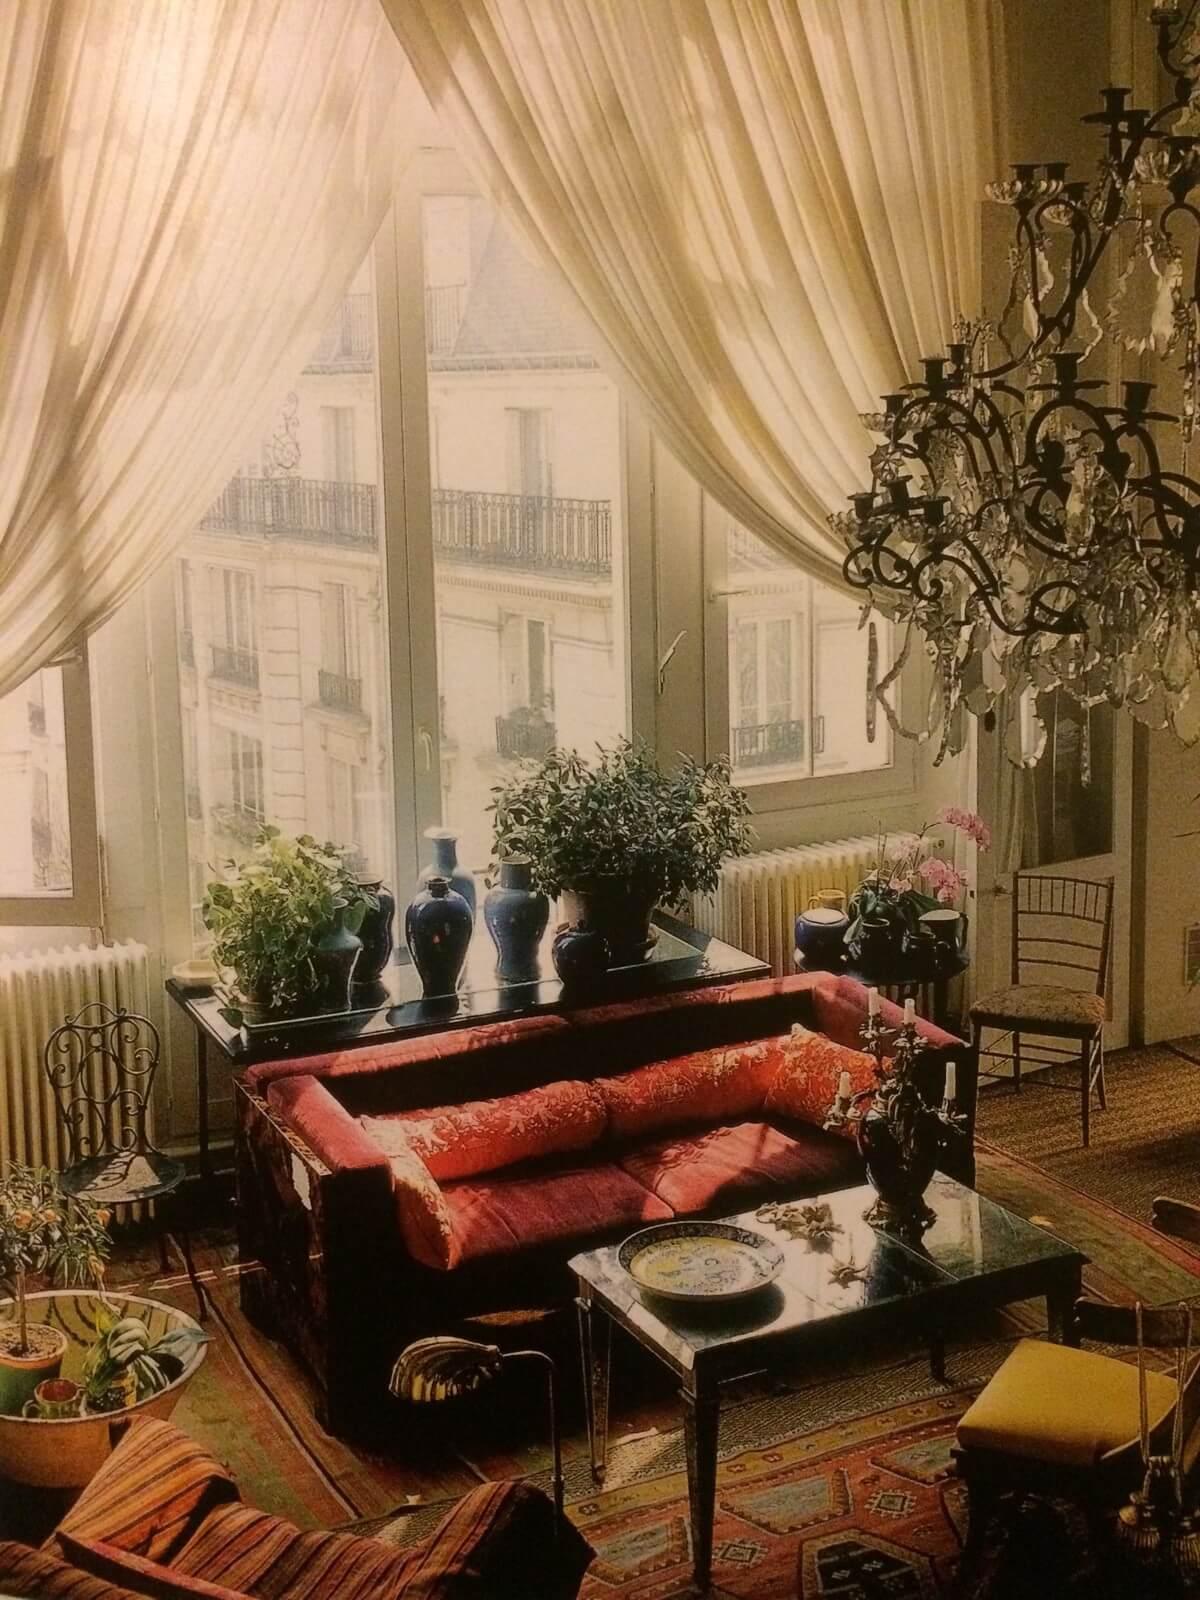 картинка диван спинкой к окну и на расстоянии от него